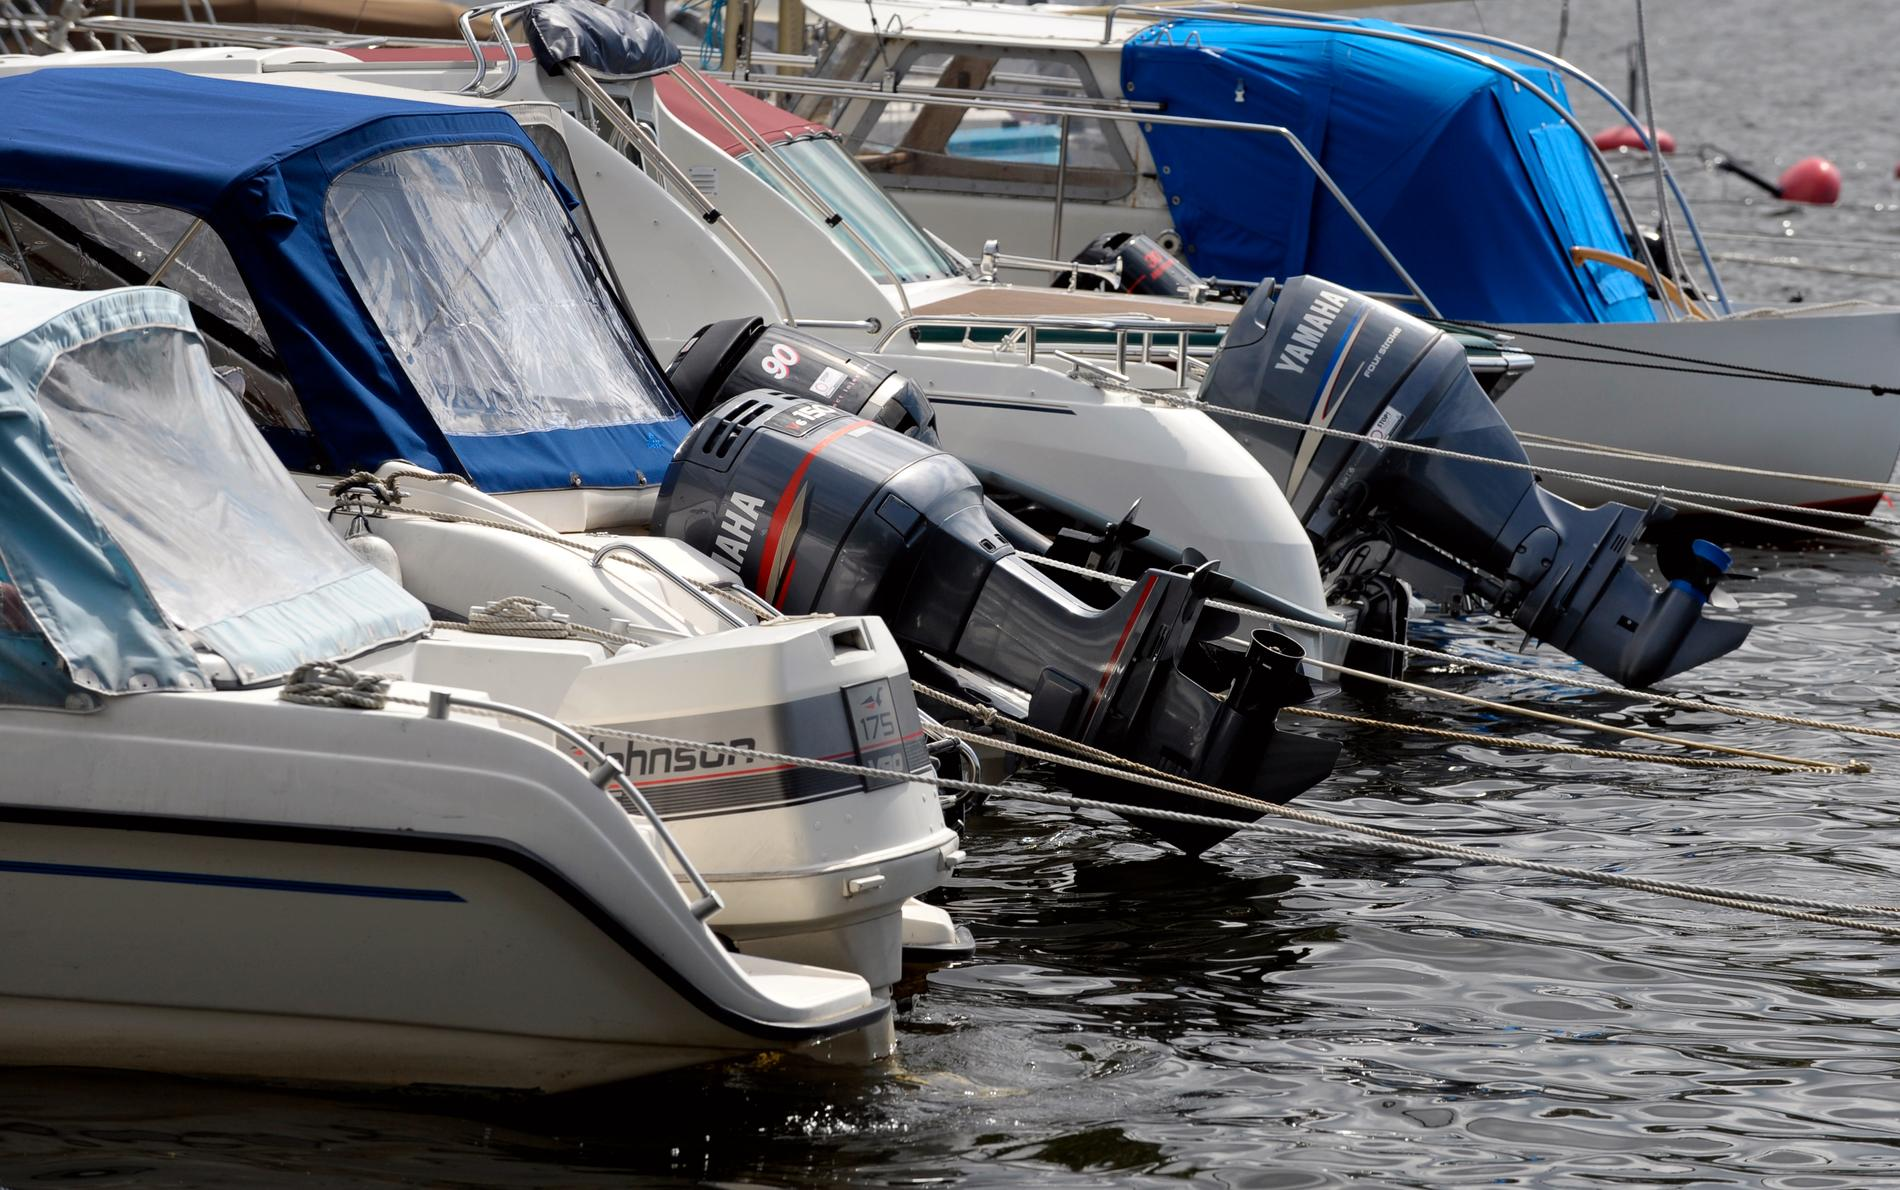 Båtstölderna ökade under september jämfört med samma månad förra året. Arkivbild.